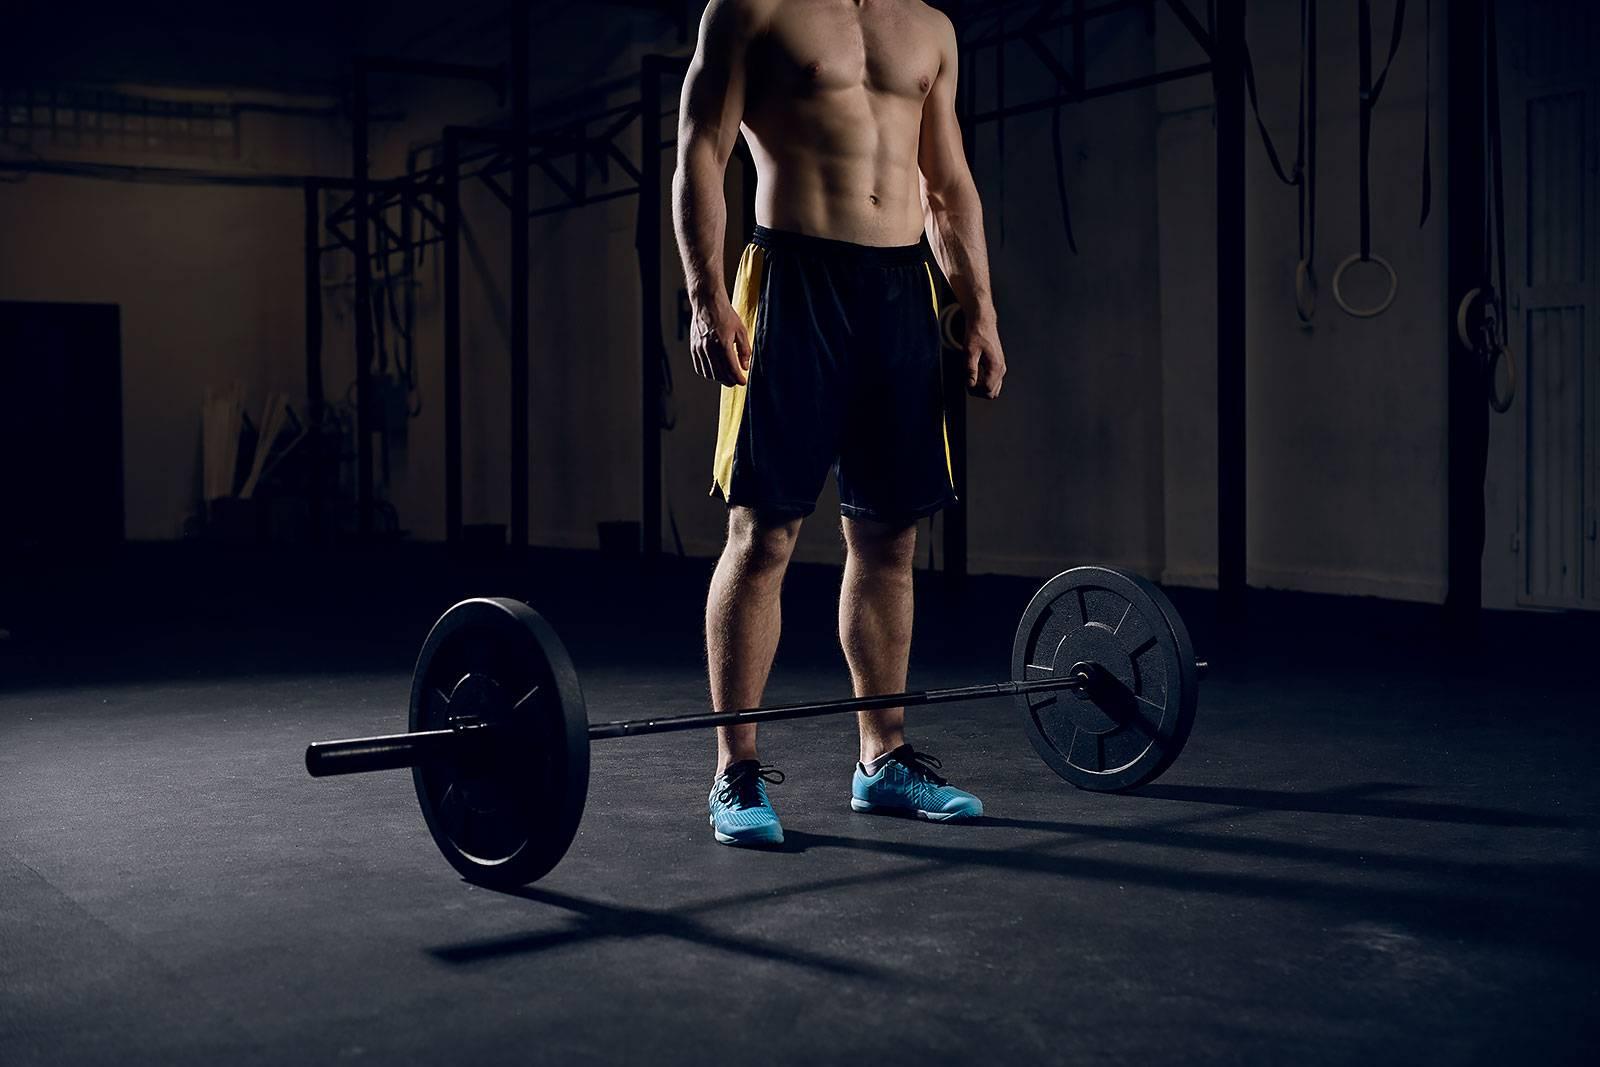 Препараты, повышающие тестостерон у мужчин: в аптеке и в интернете